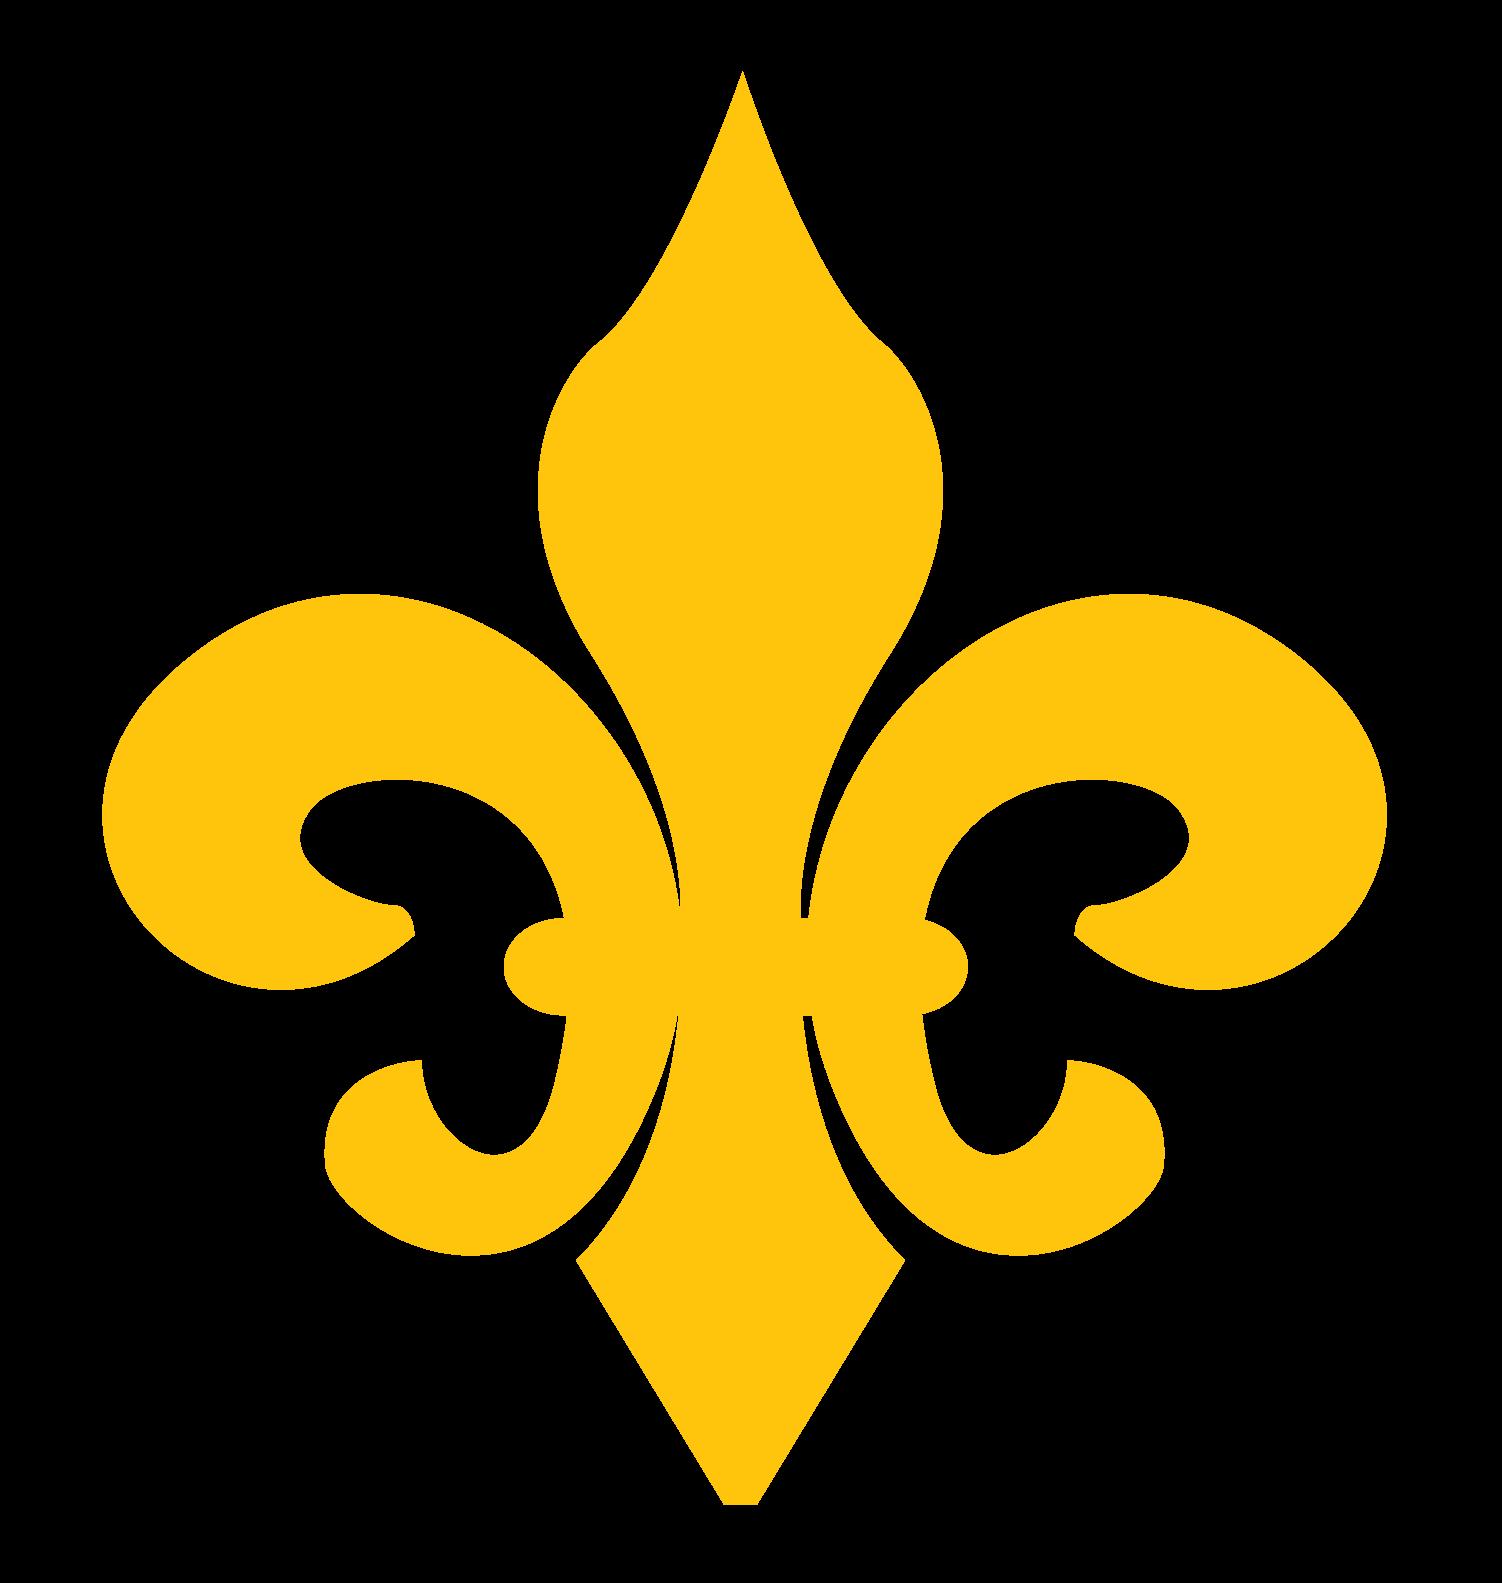 Gold fleur de lis clipart picture library Beautiful Fleur de Lis Clip Art - New Orleans Free Vector Clip Art picture library